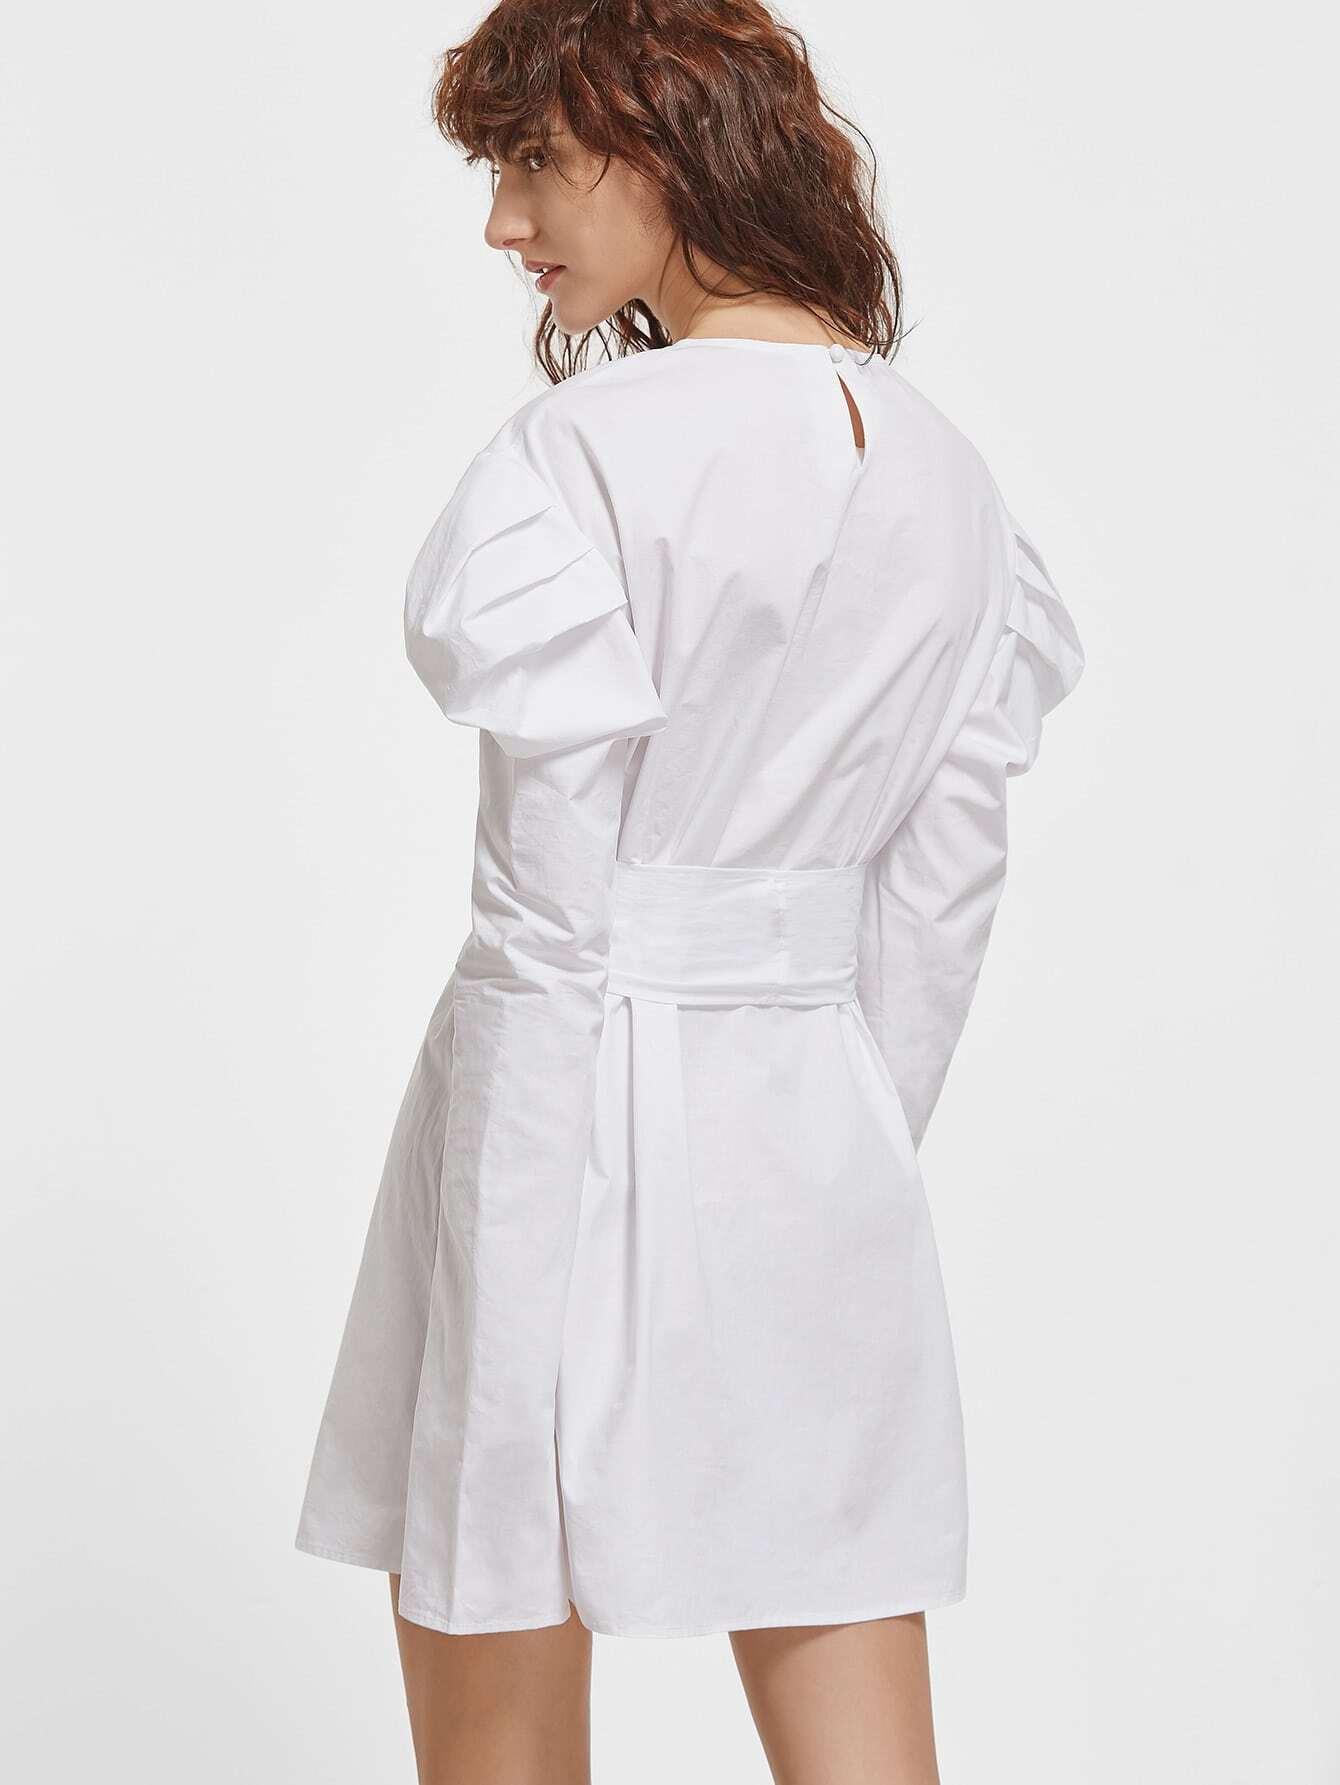 dress161202706_2